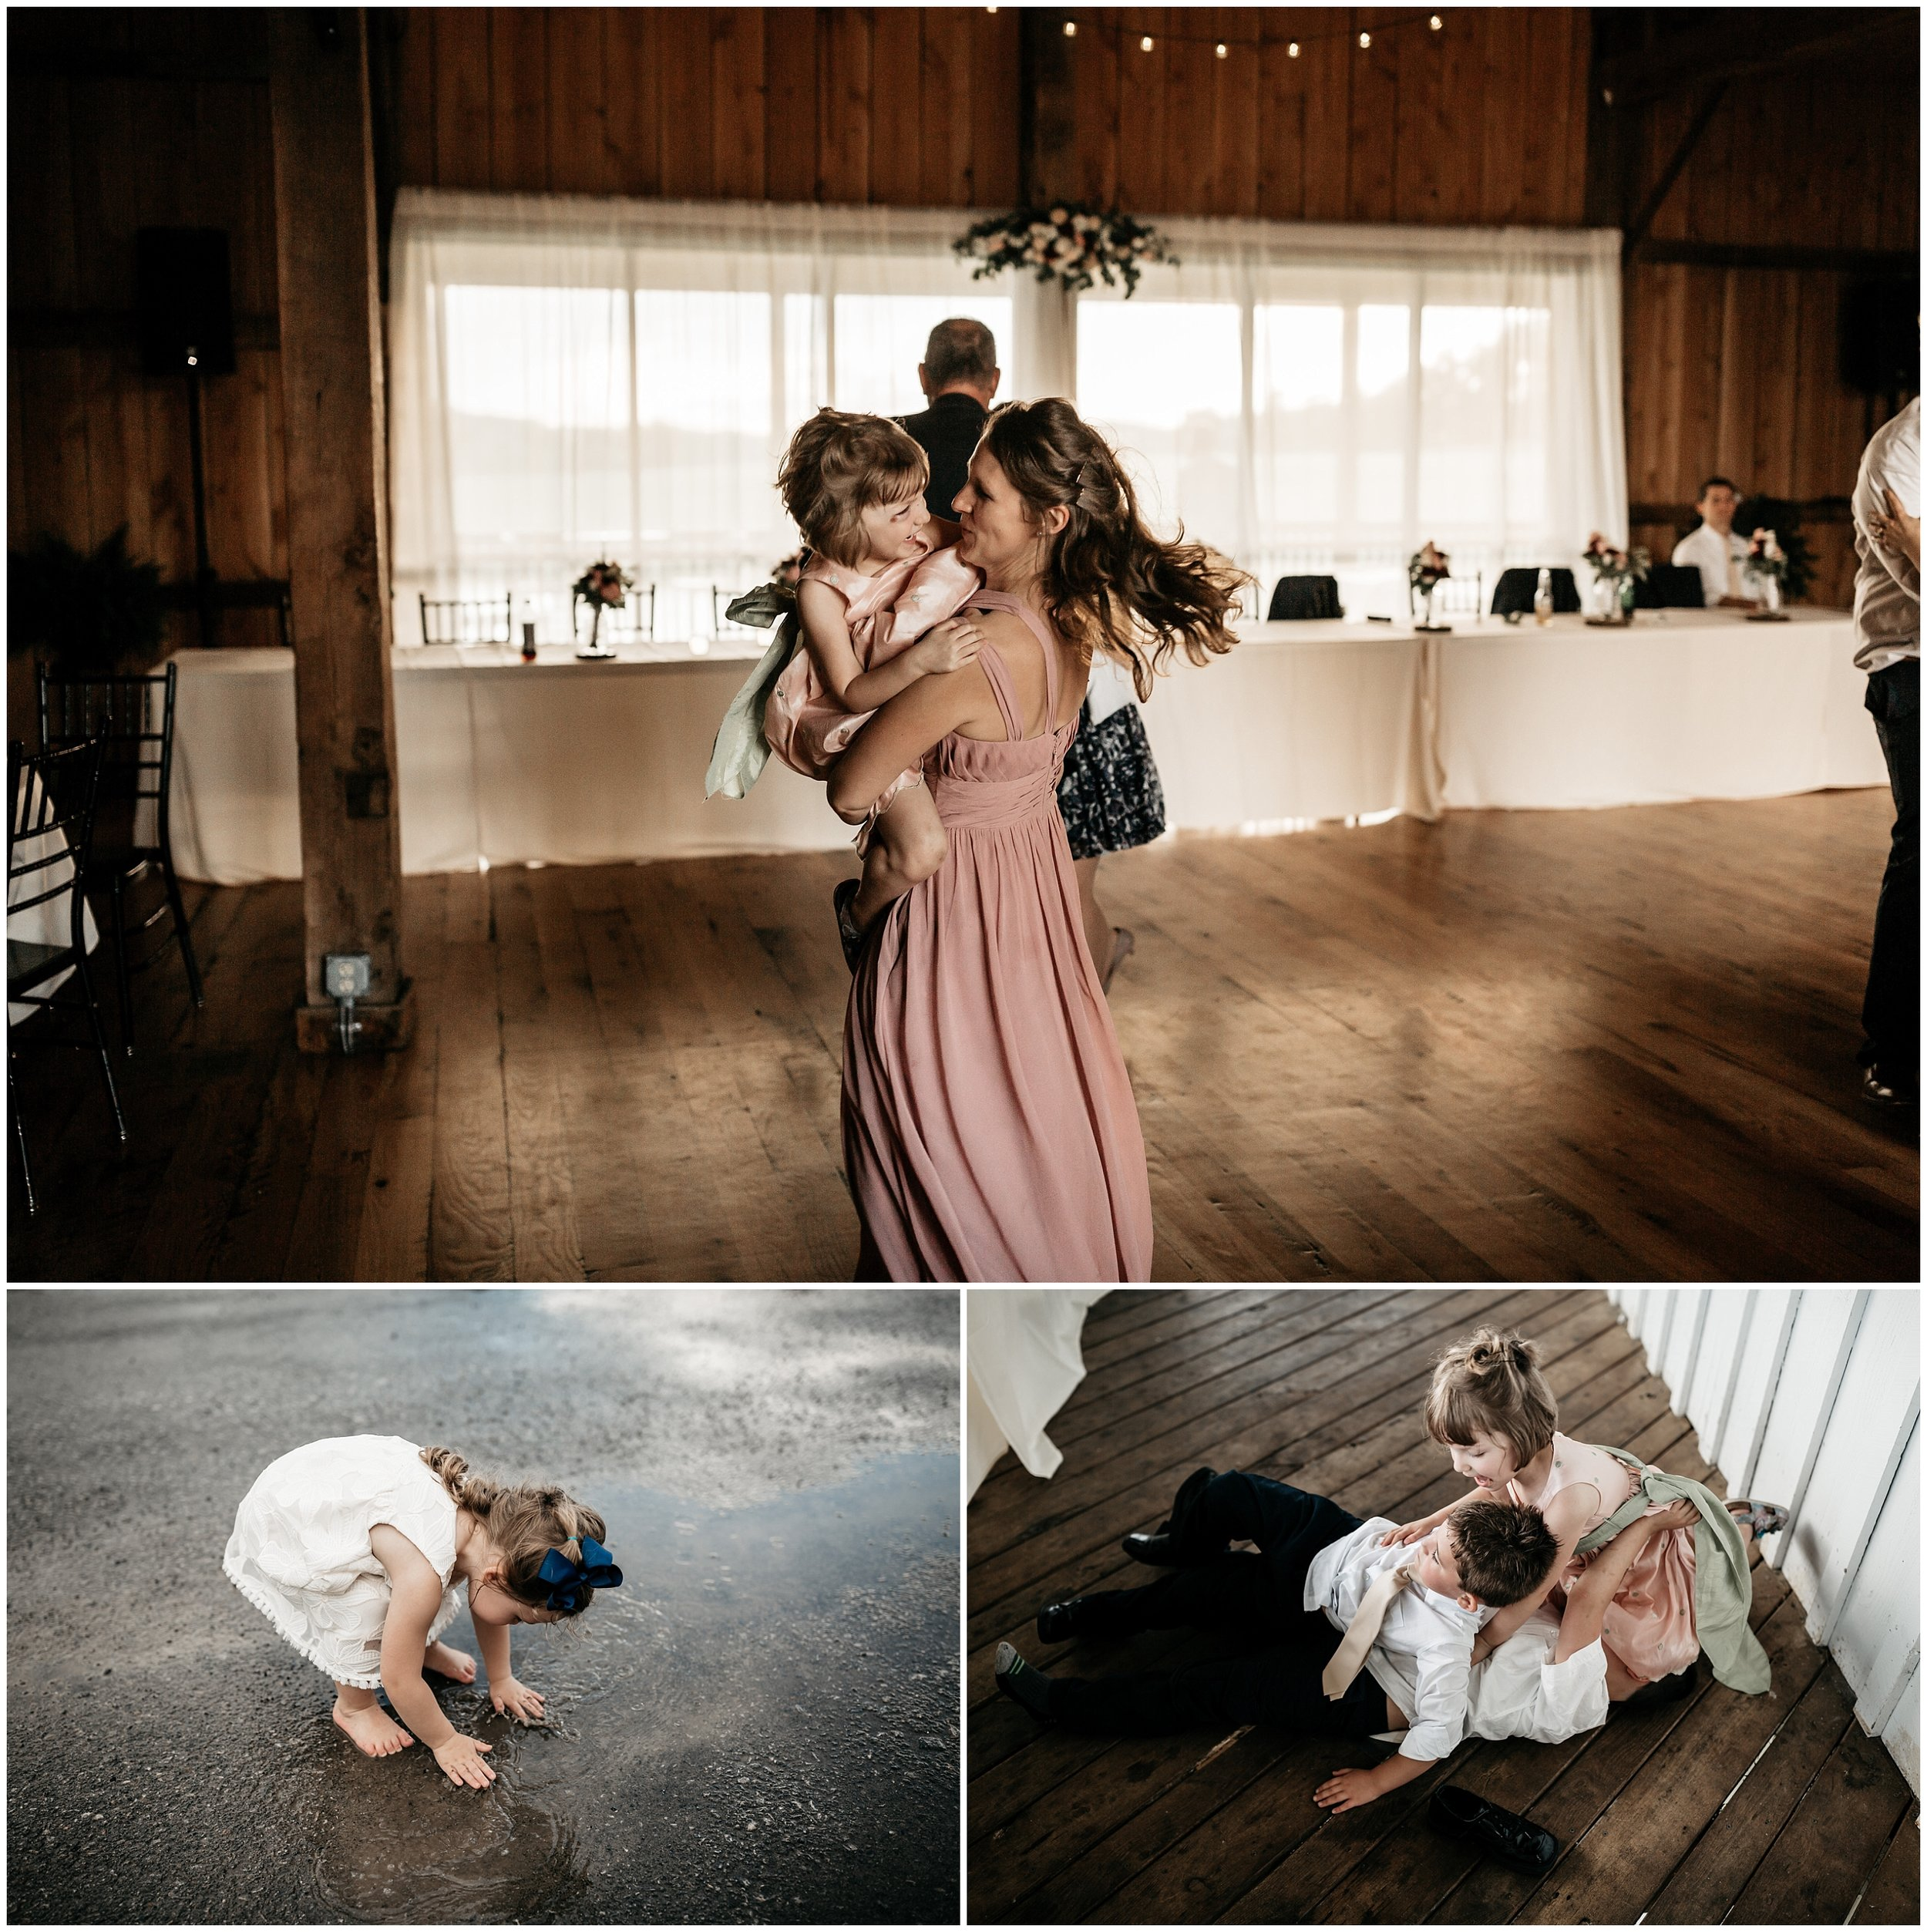 whitebarnprospectweddingphotos_0027.jpg